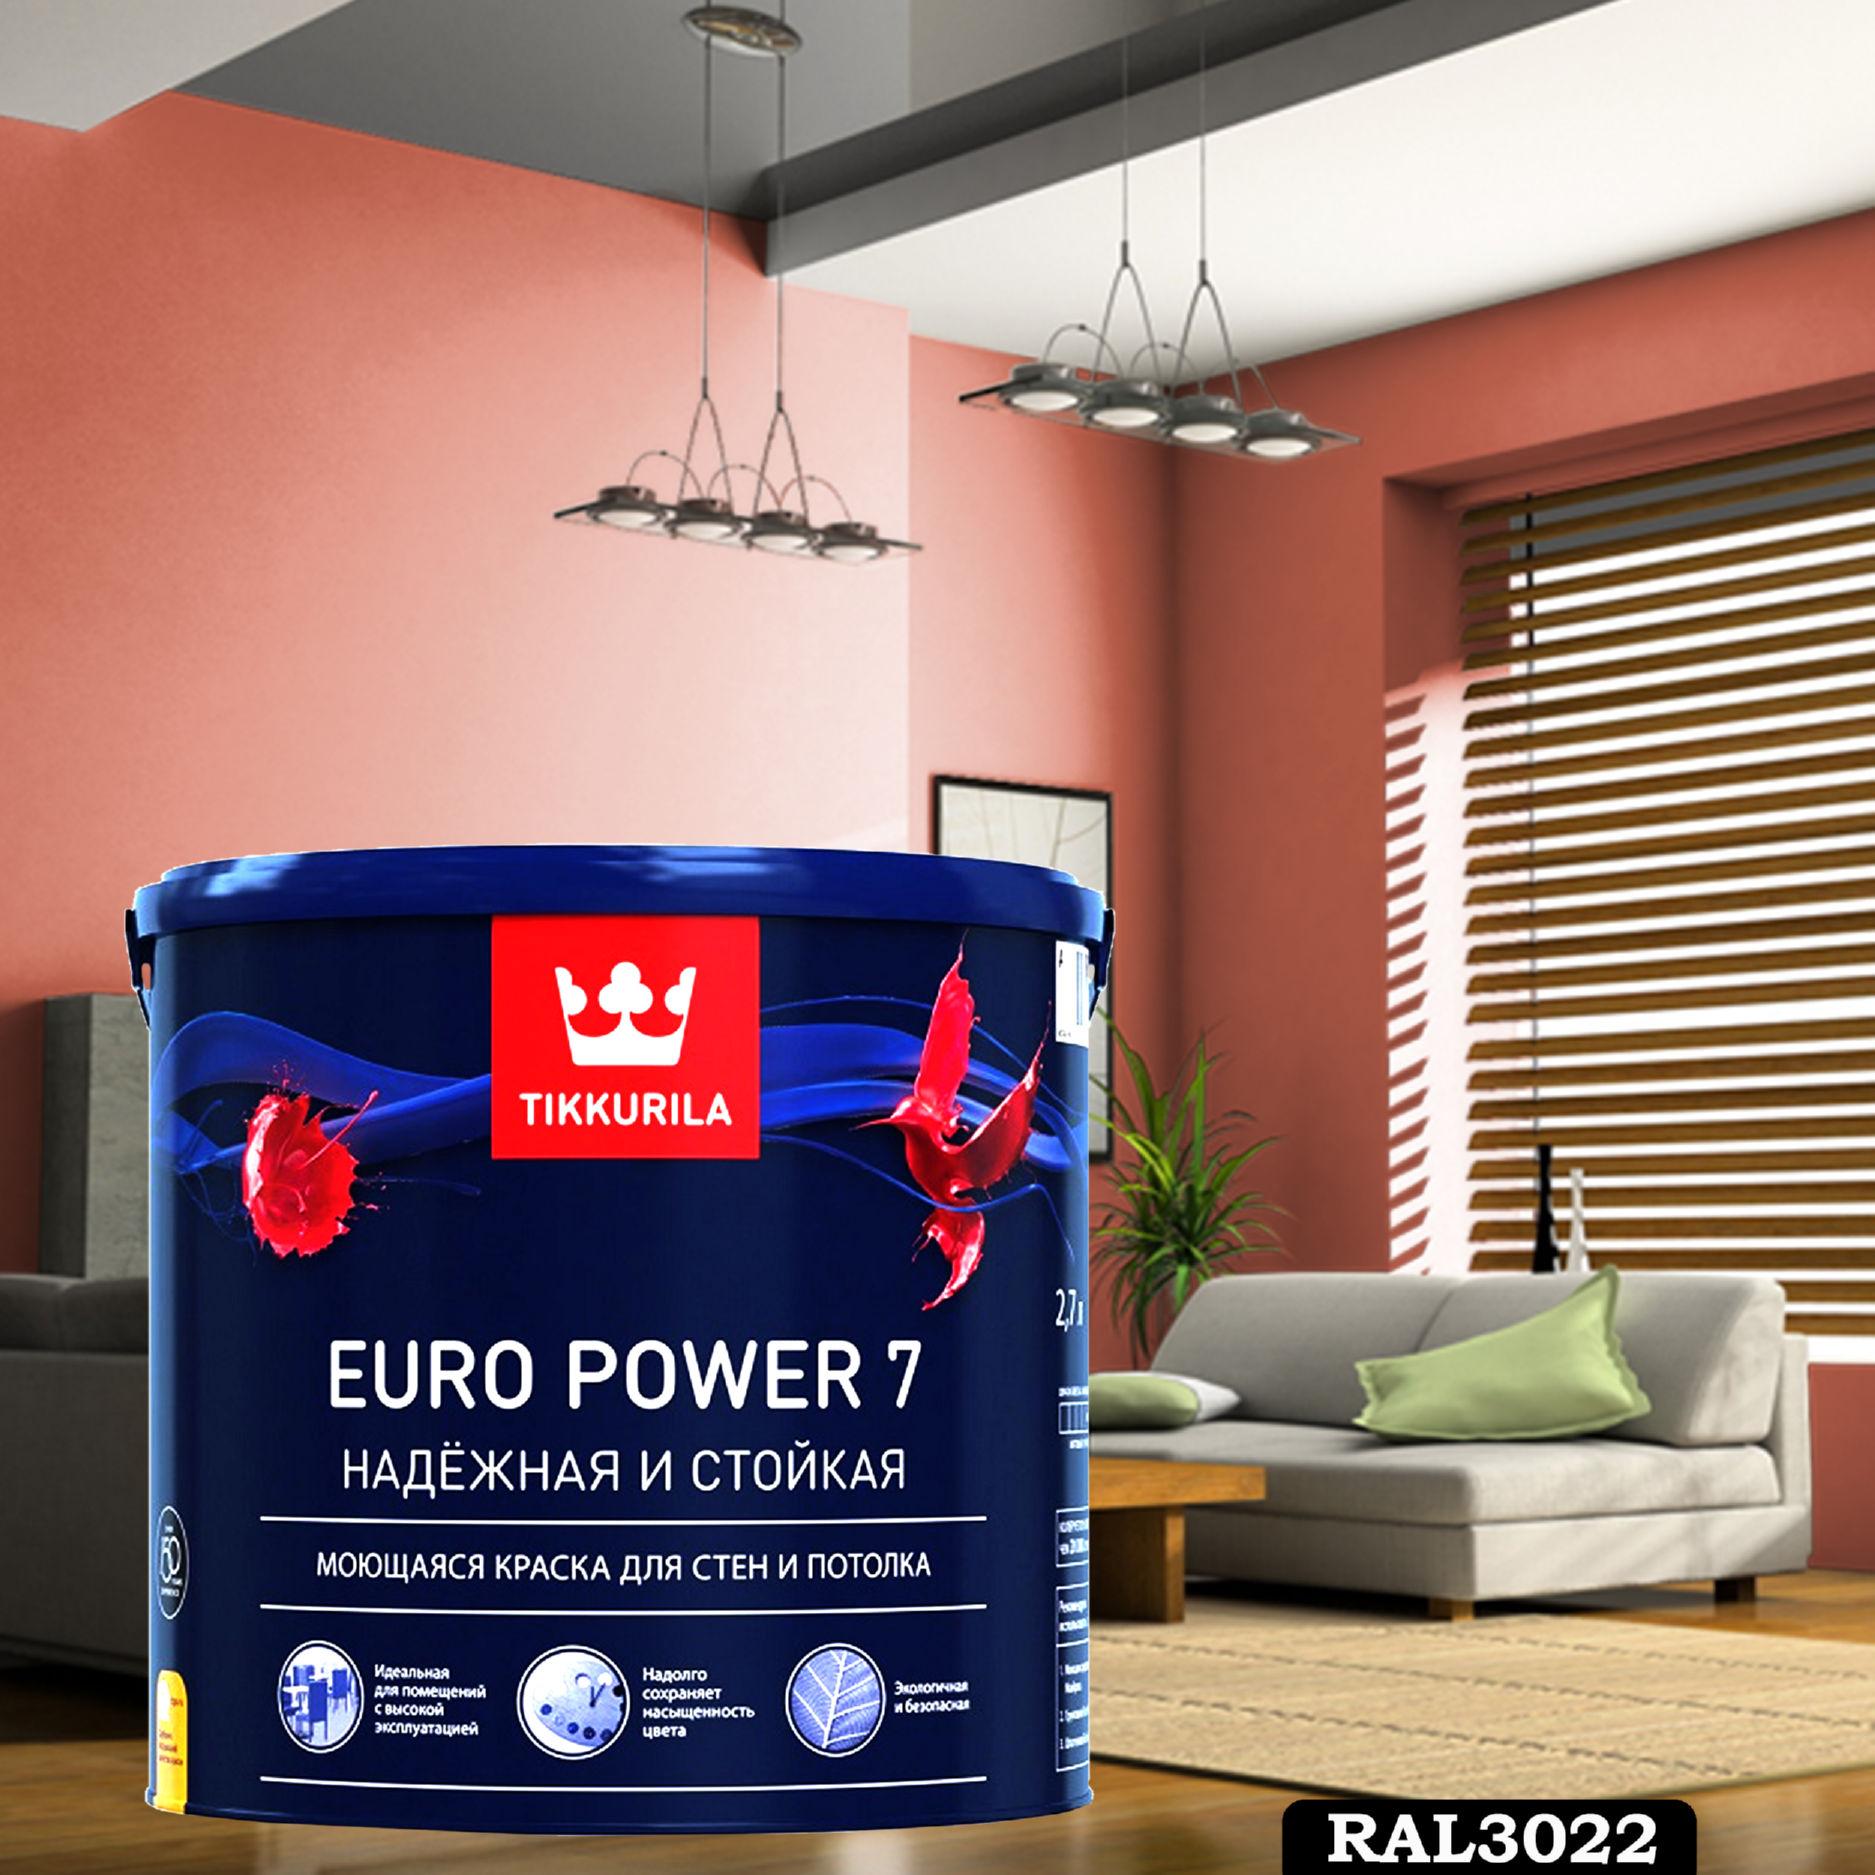 Фото 18 - Краска TIKKURILA Euro Power 7,  RAL 3022 Лососёво-красный, латексная моющаяся матовая интерьерная, 9 л.